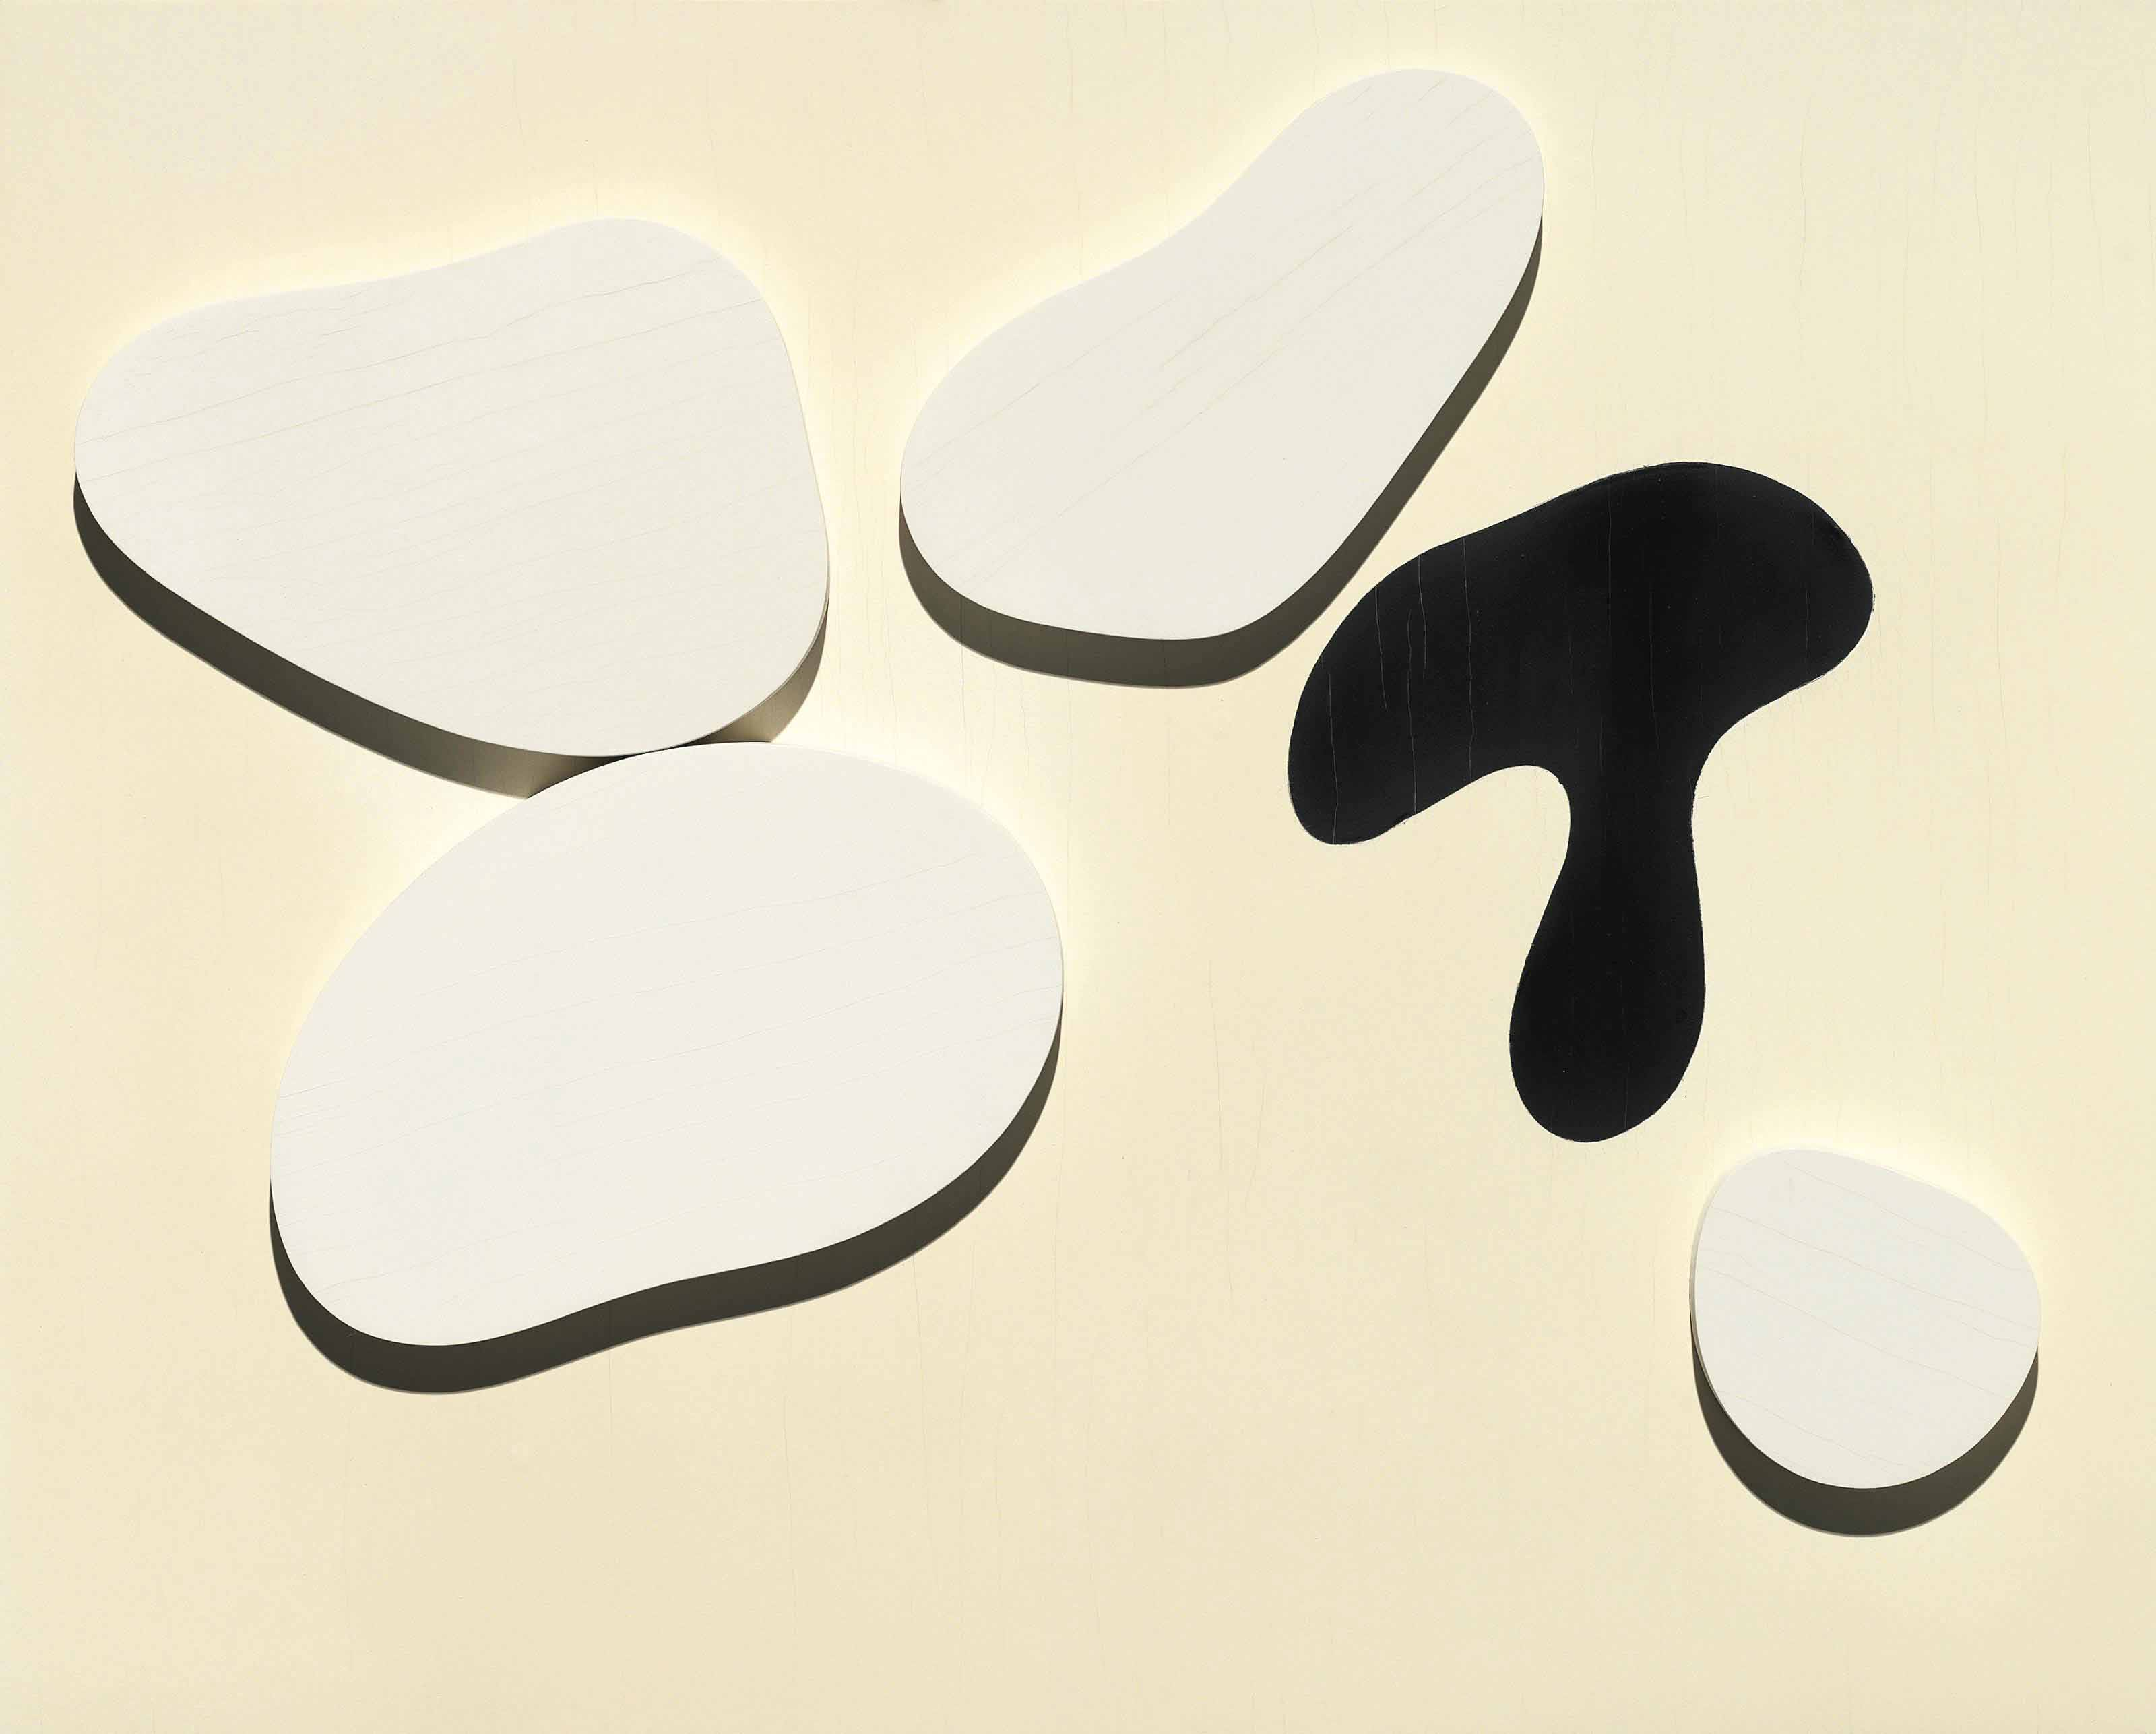 Constellation de quatres formes blanches et d'une noire